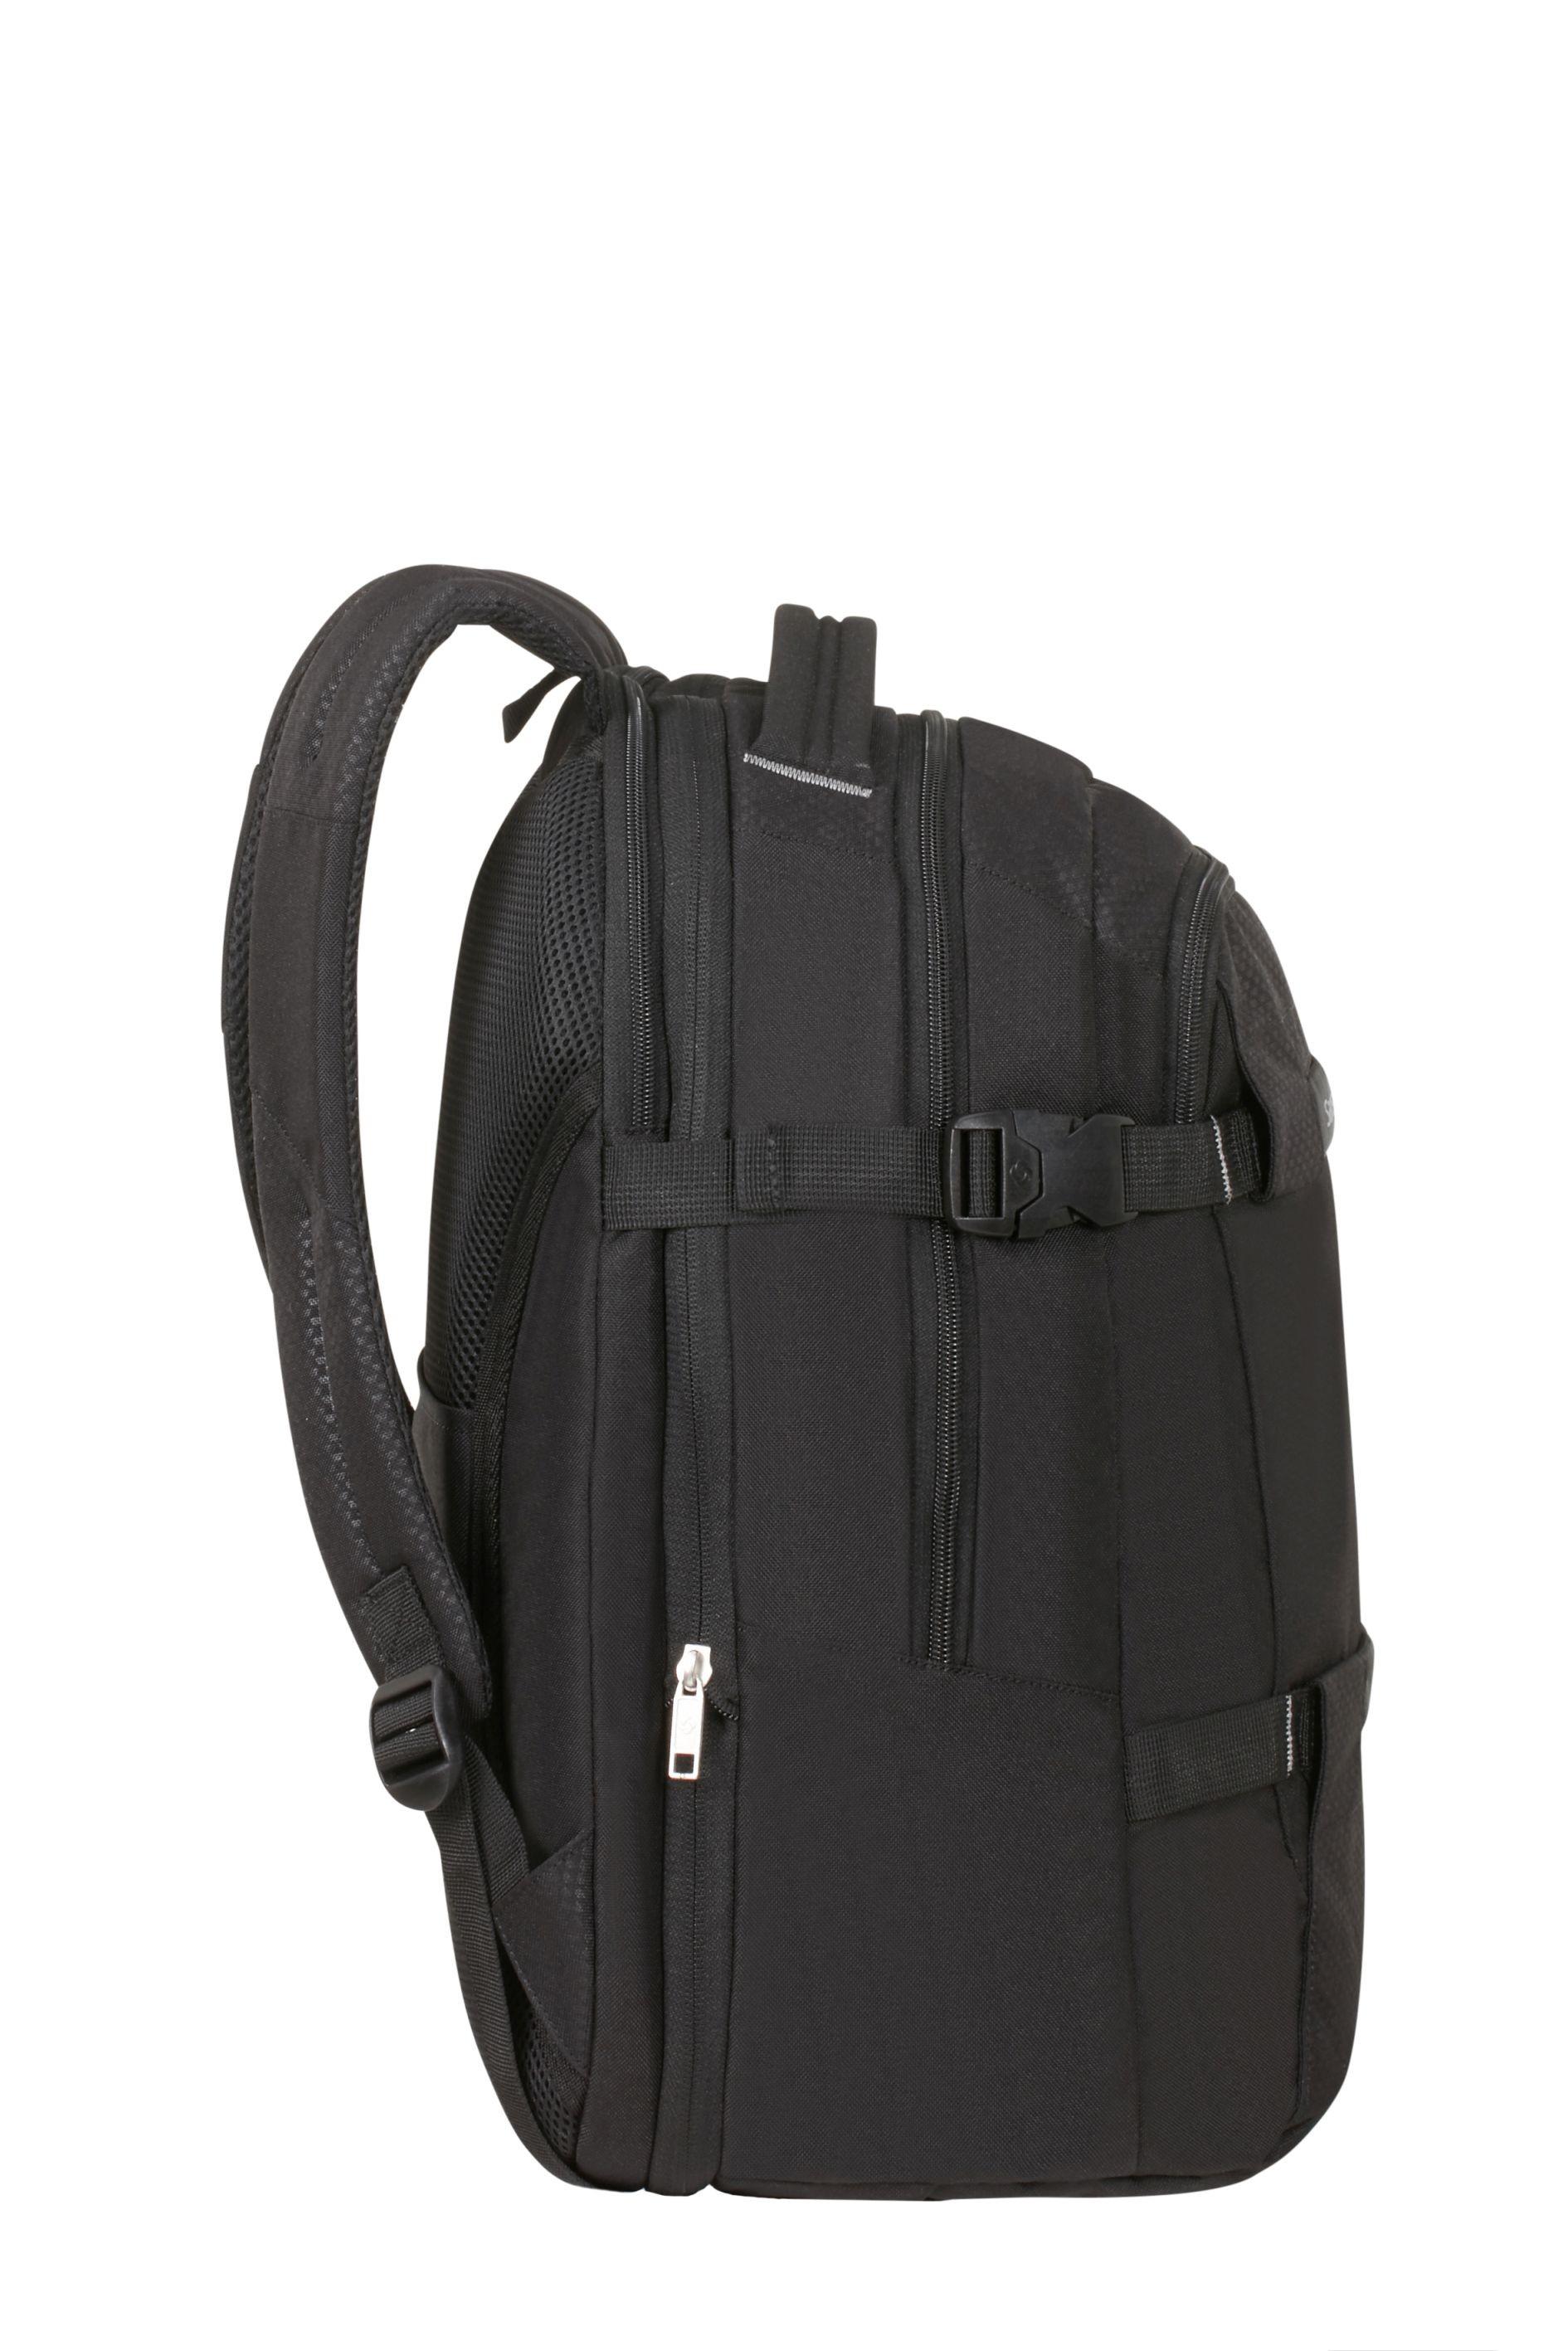 Samsonite Sonora Laptop Backpack L EXP, View 8